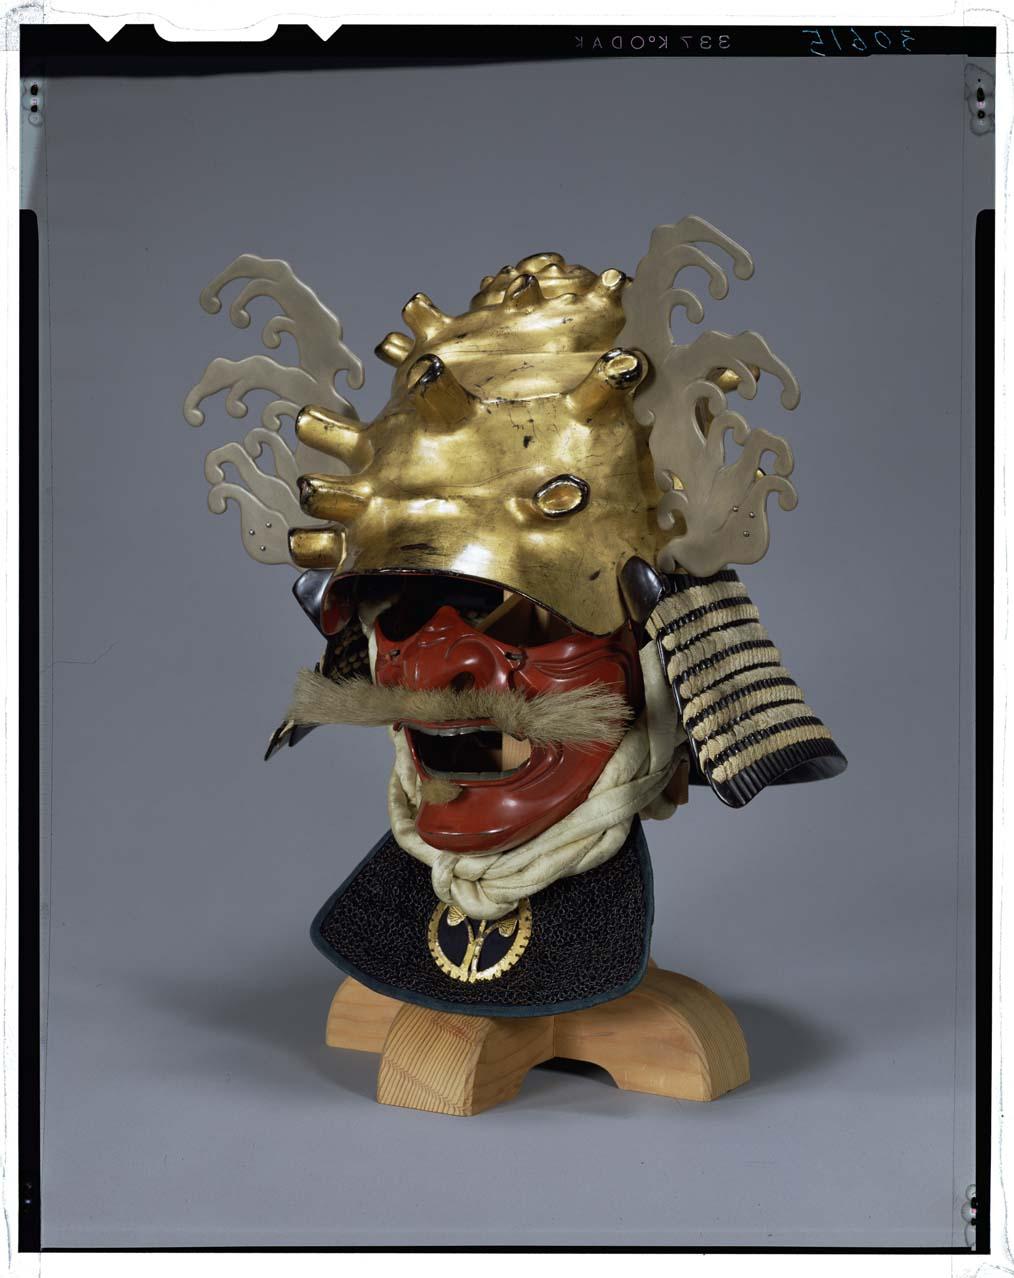 栄螺形兜 画像番号: 東京国立博物館 画像検索